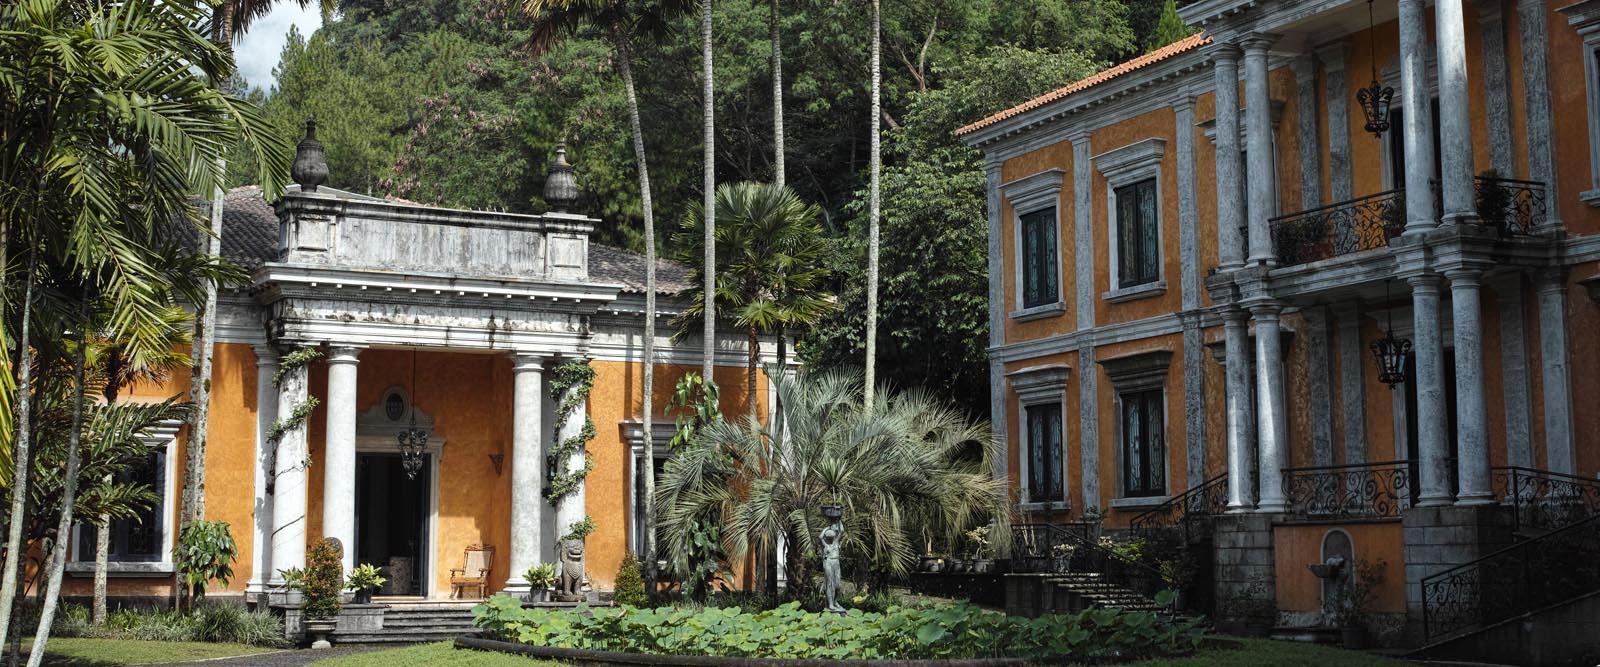 Kaliandra Eco Resort and Organic Farm